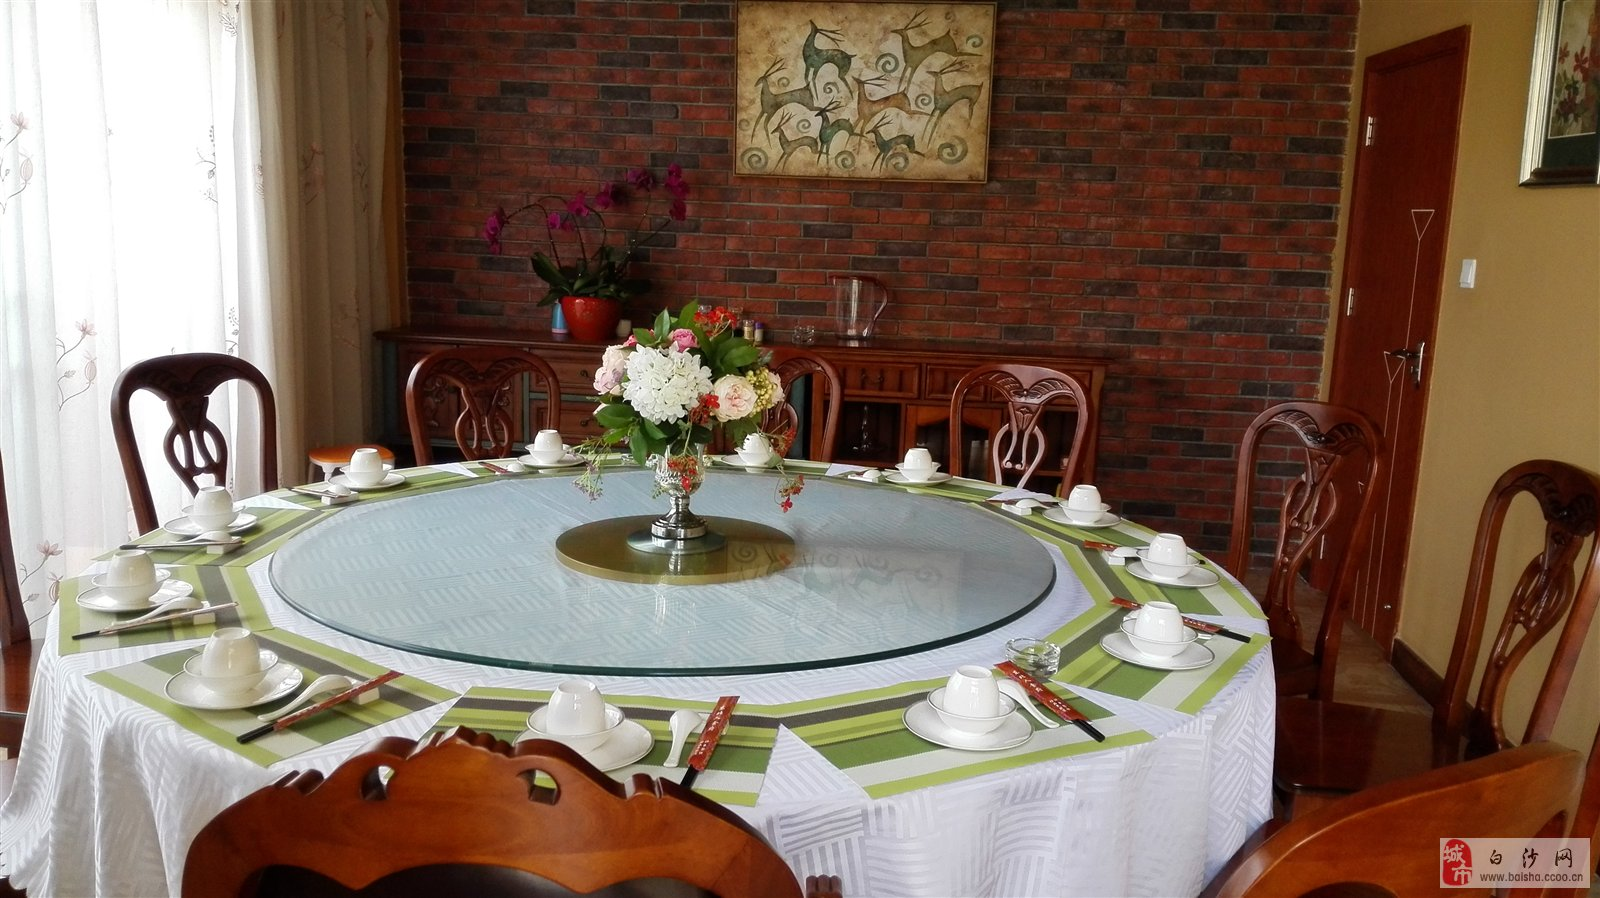 美食桌子背景素材